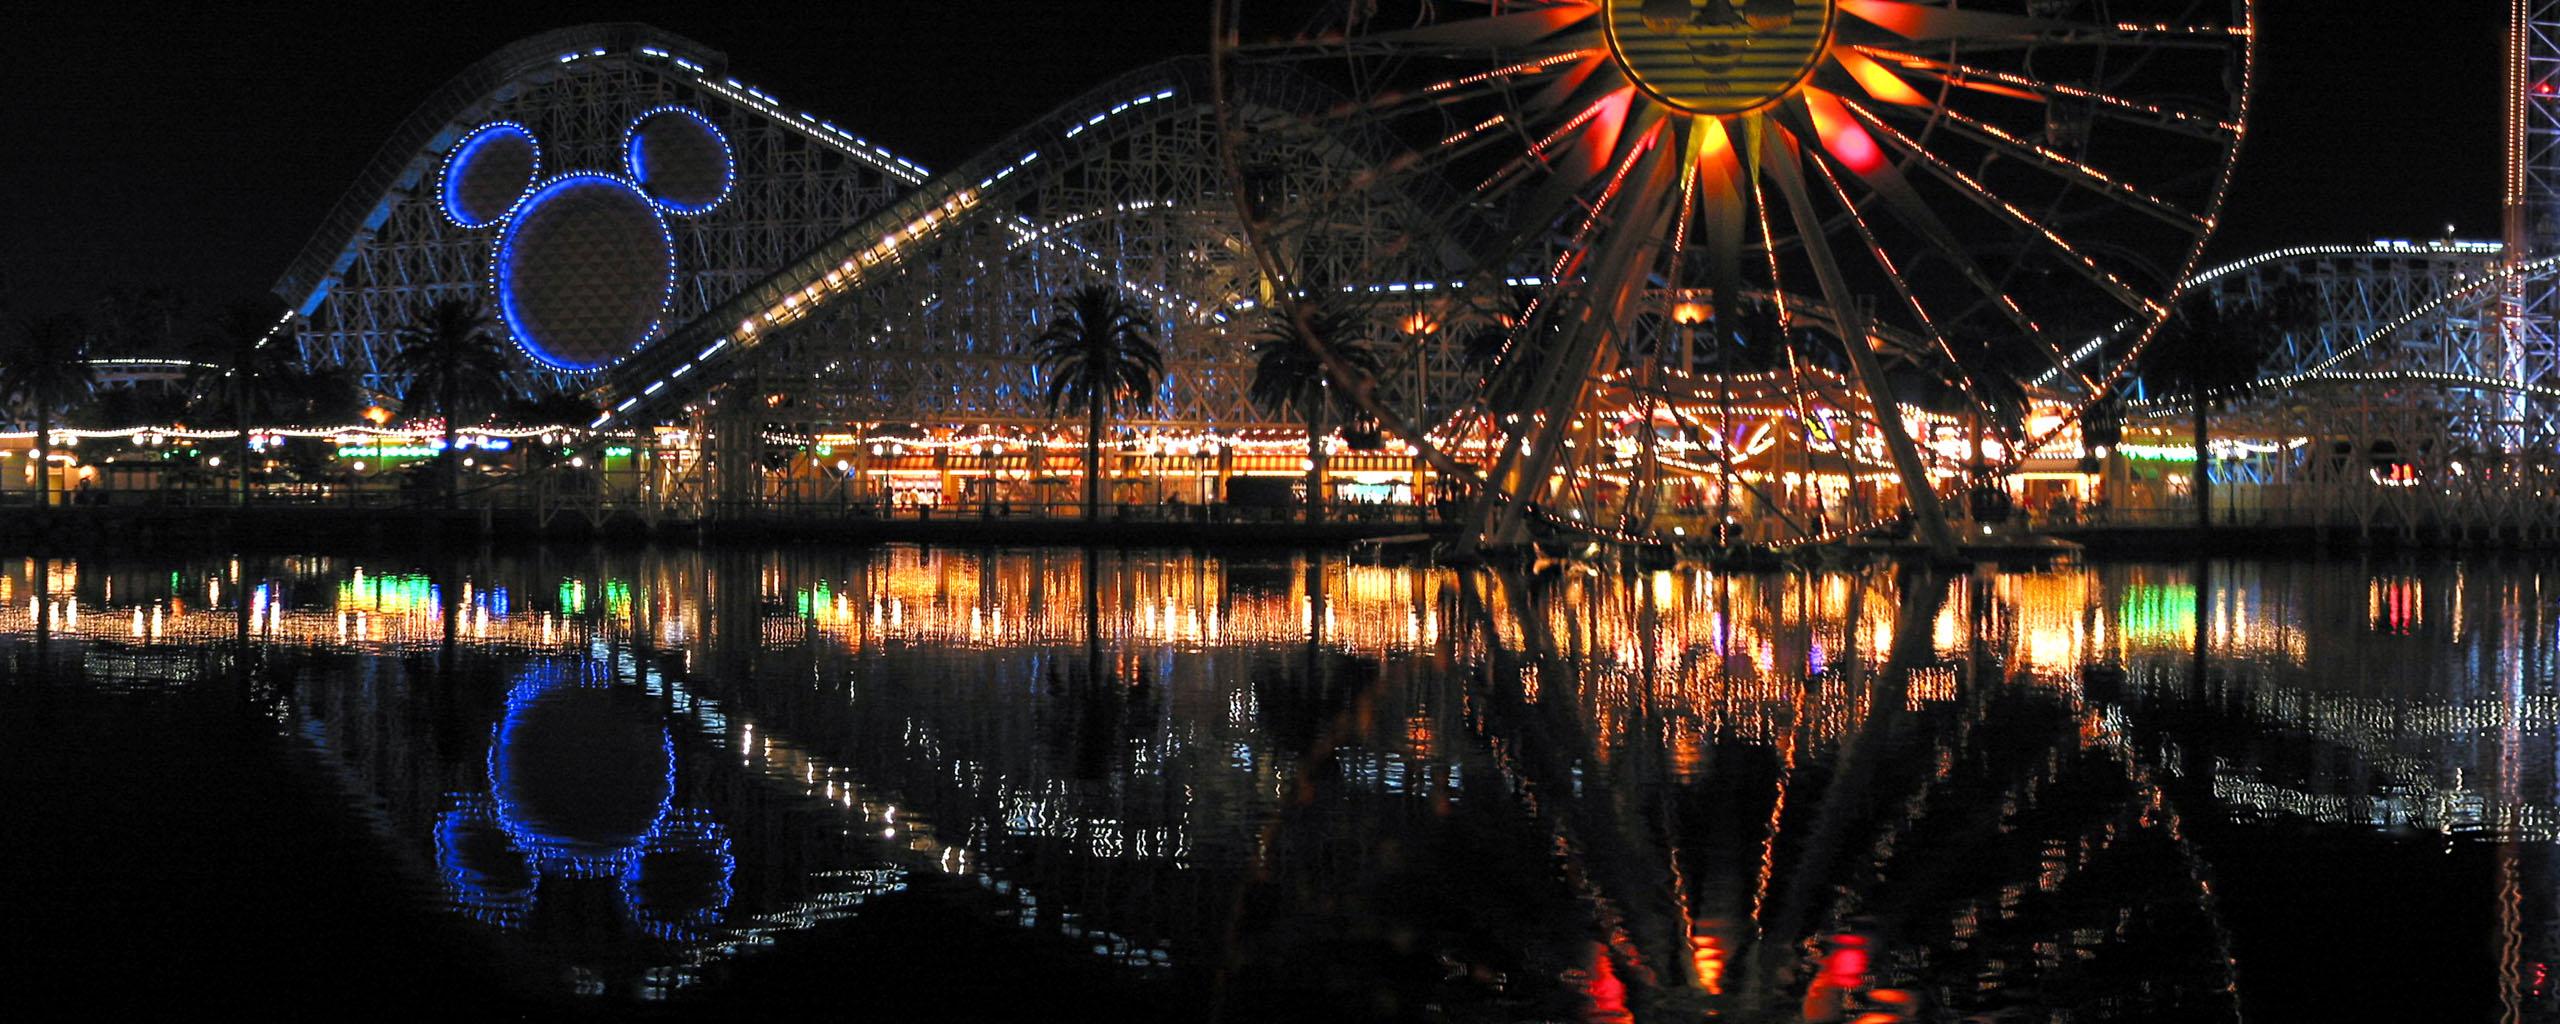 Disneyland Panoramic Pictures DisneyRocket9net 2560x1024